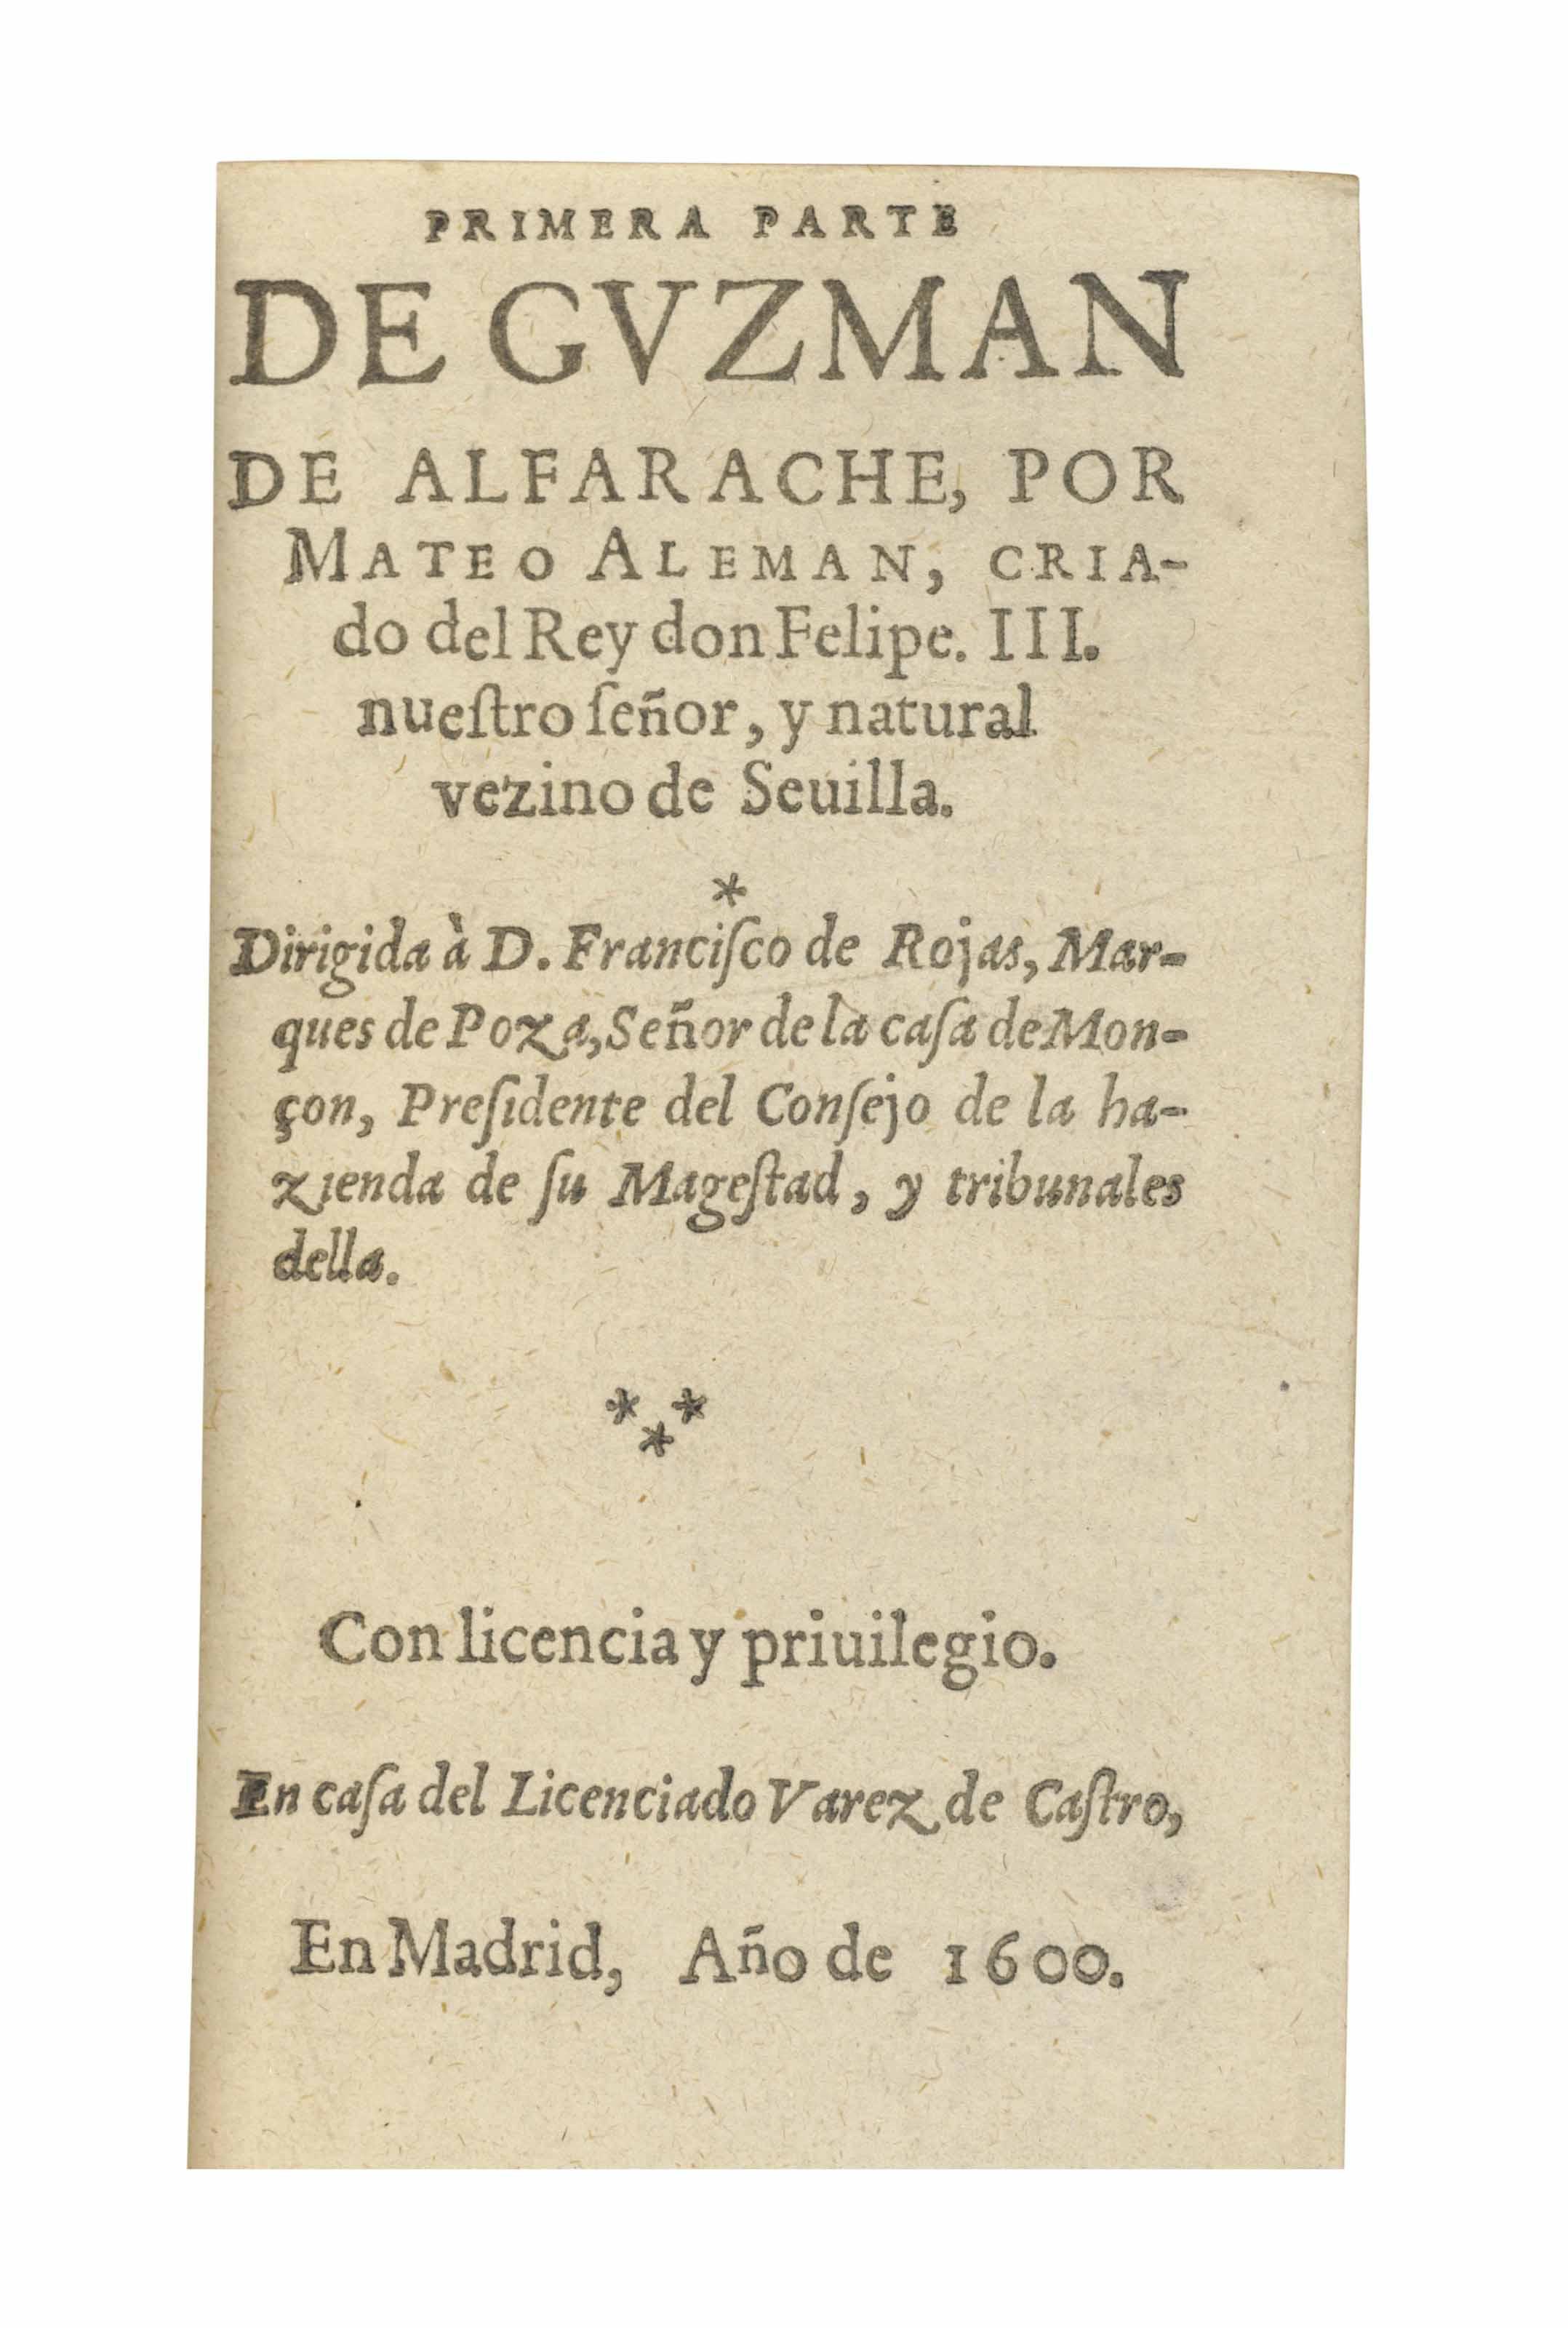 ALDRETE, Benardo José (1565-16